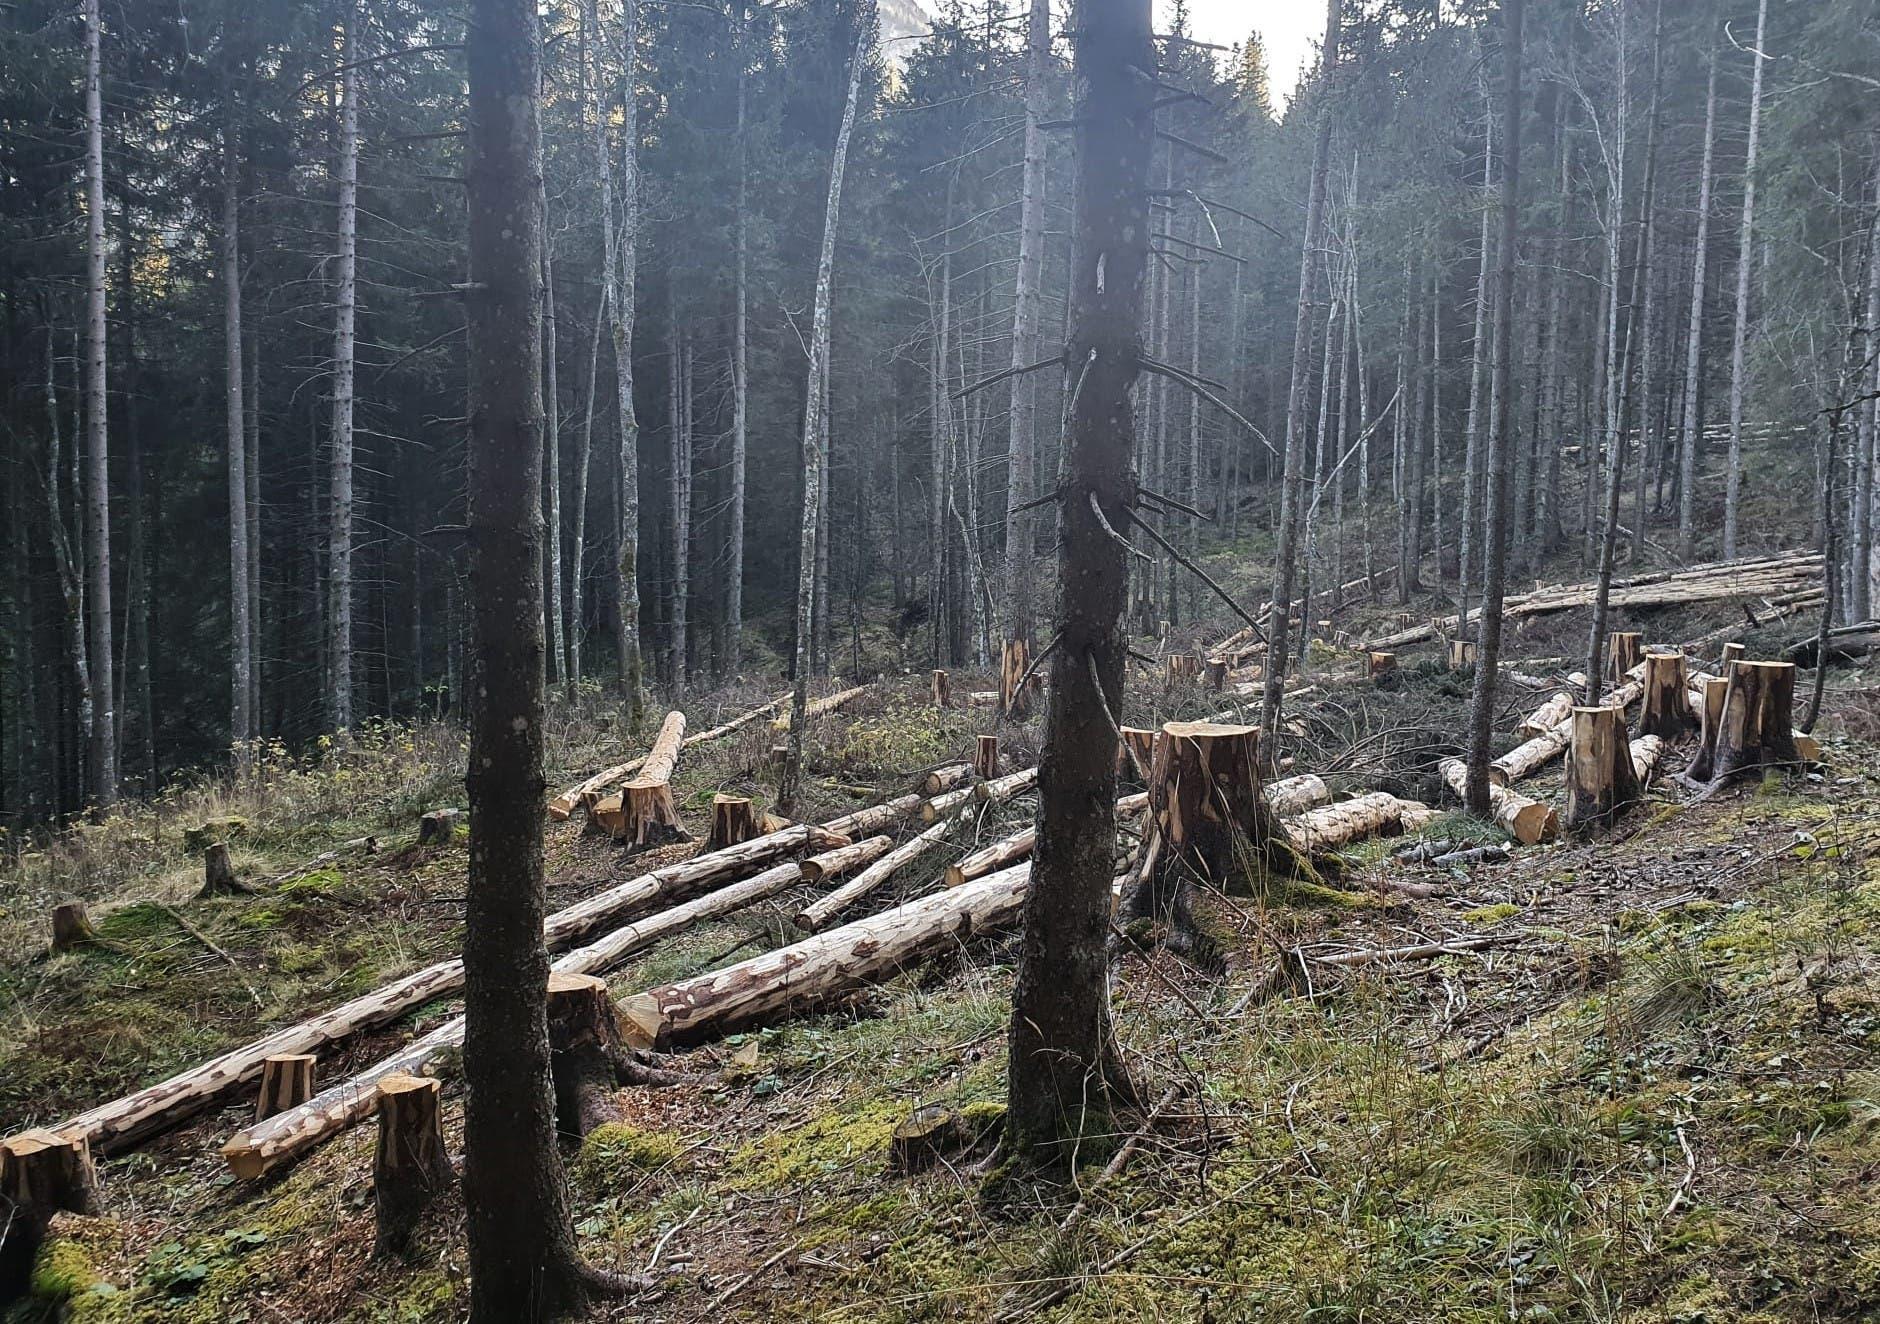 Das Holz in diesem Wald im Eigenthal bleibt liegen, weil der Markt dafür fehlt.